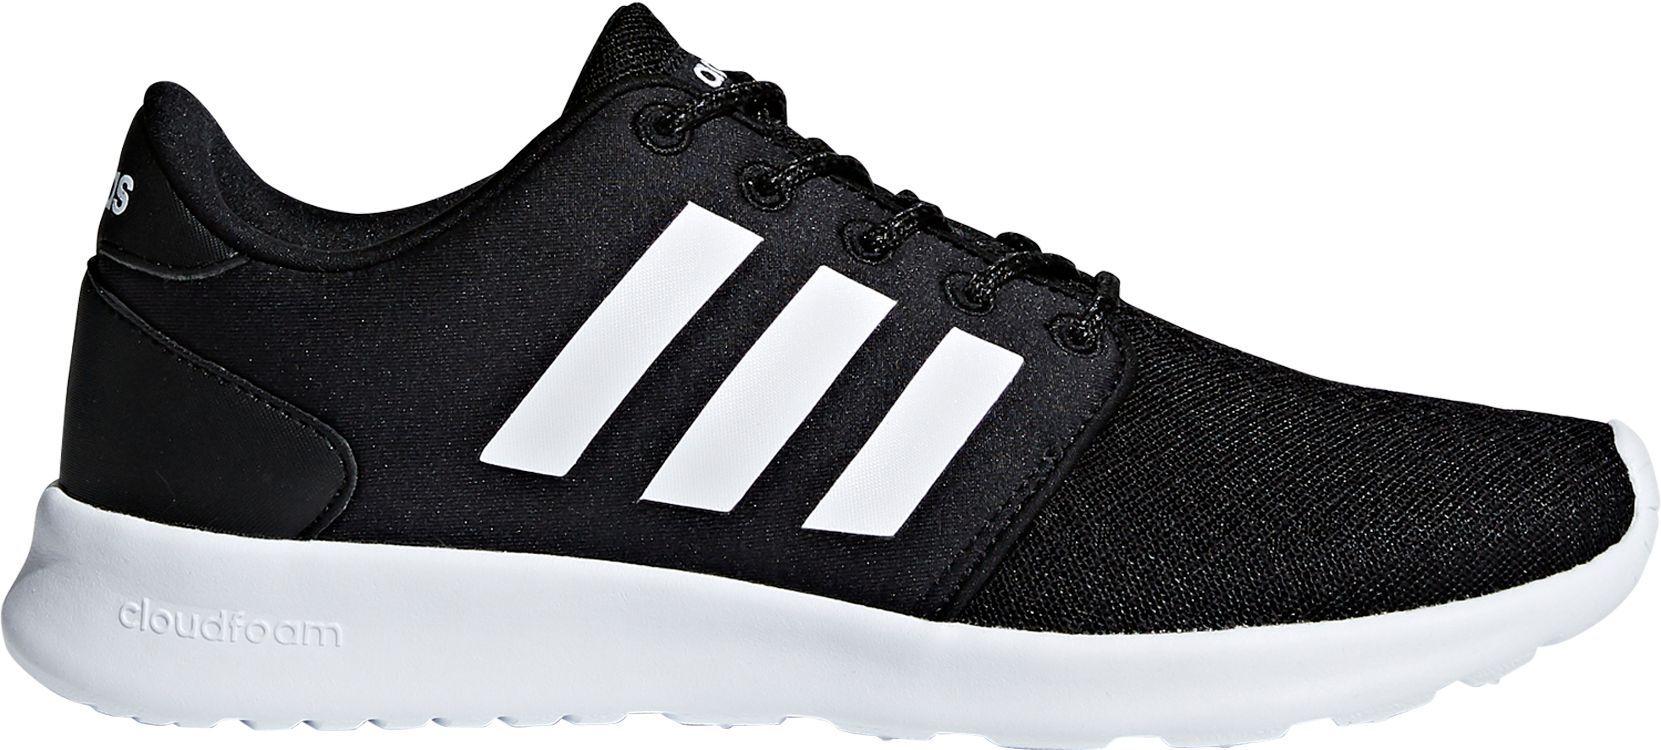 buy online 7fb57 8f506 adidas Women s Cloudfoam QT Racer Shoes, Size  10.0, Black